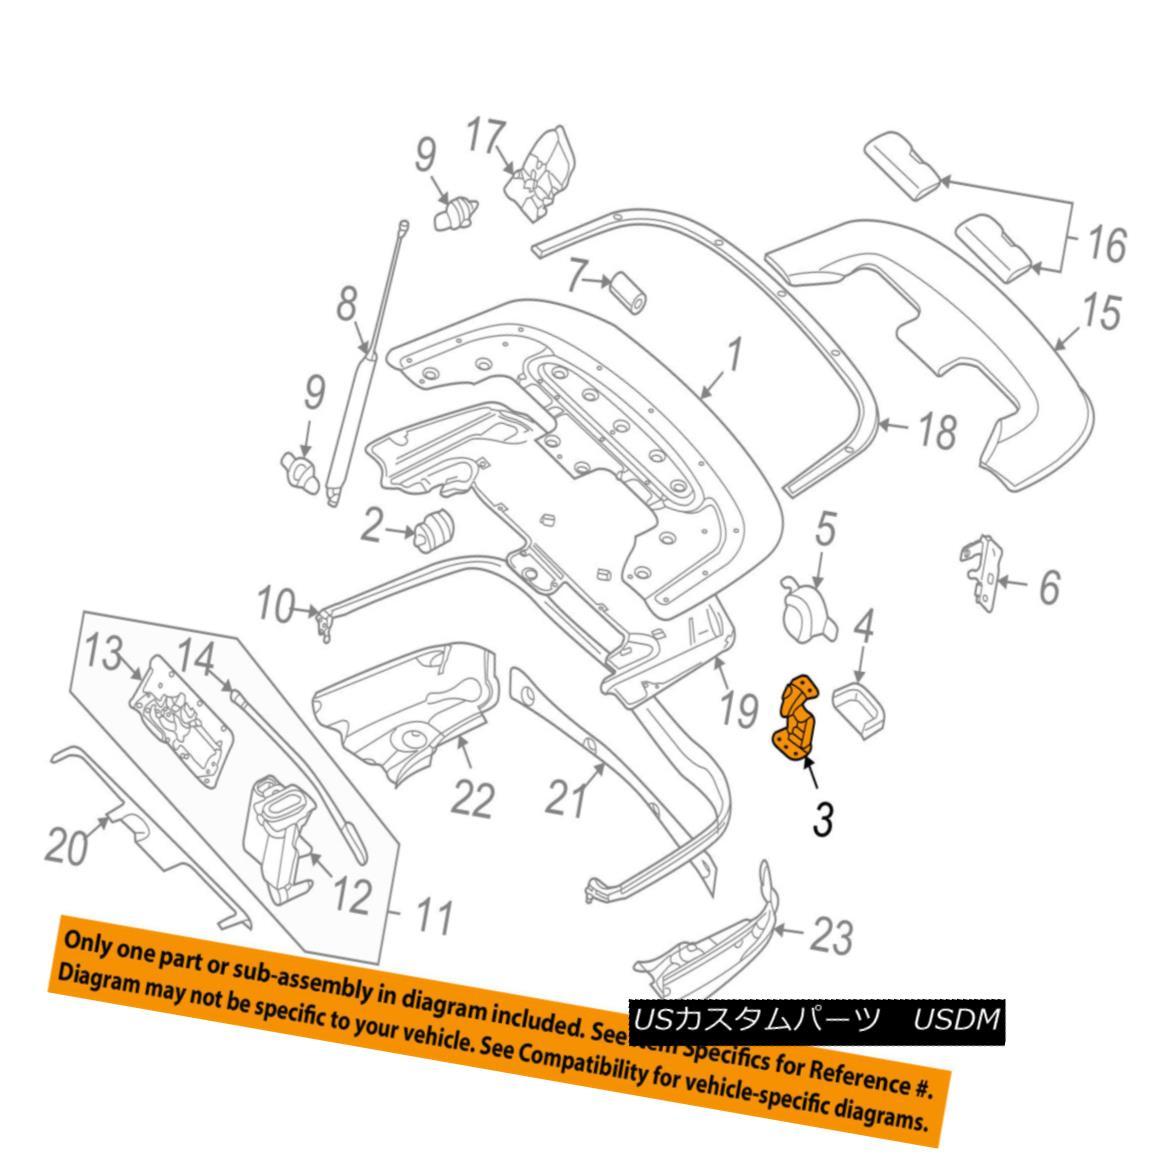 車用品 バイク用品 >> パーツ 外装 エアロパーツ その他 幌 ソフトトップ AUDI OEM Convertible A4 8H0825307A ftトップヒンジ8H0825307A so 即出荷 Top-Hinge A4コンバーチブル 2020新作 soft アウディOEM 03-09